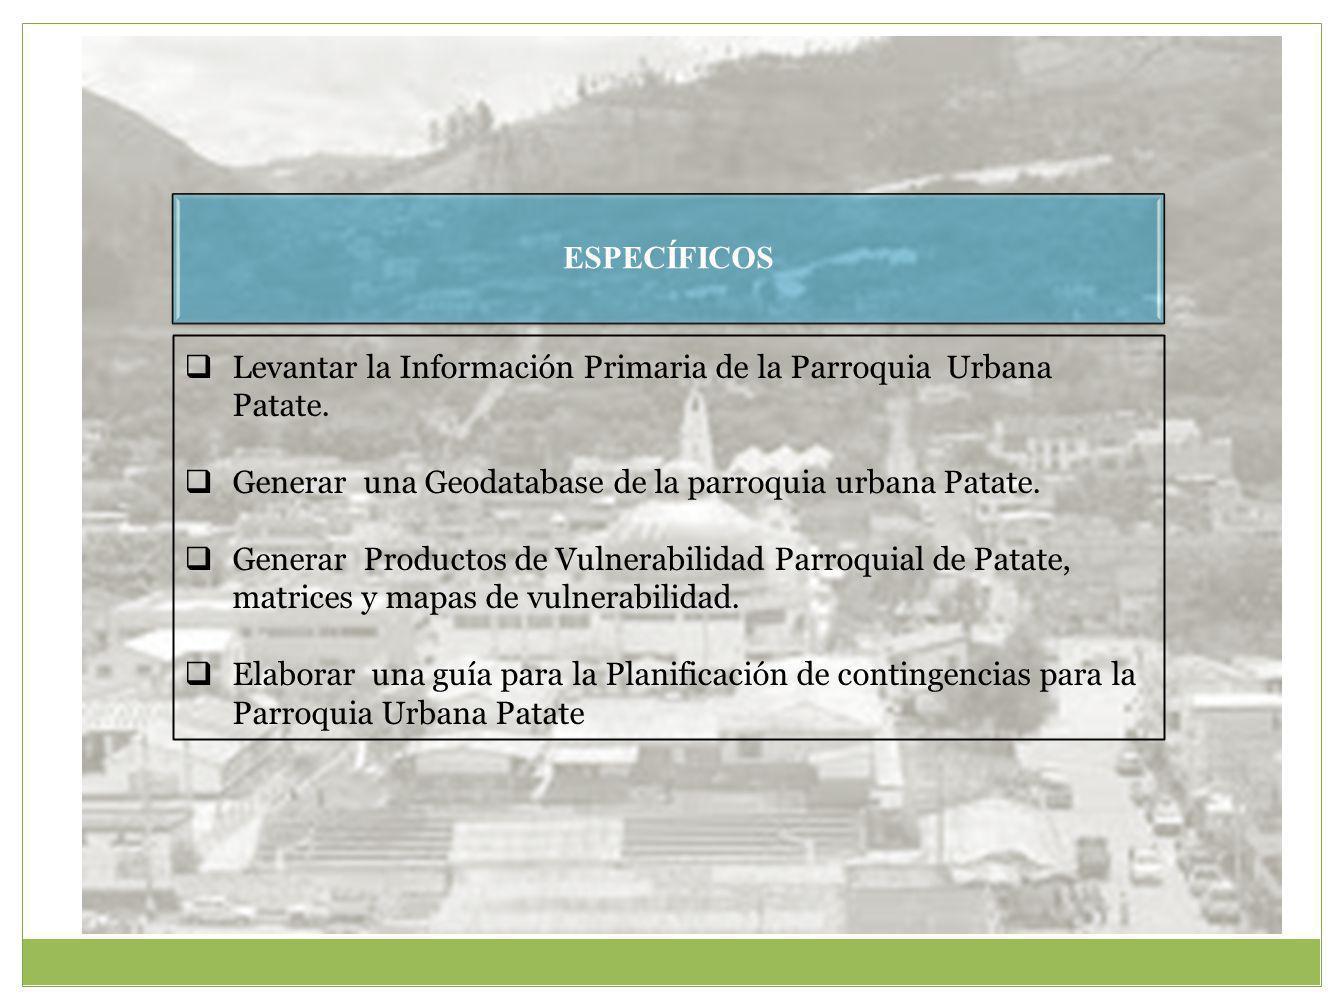 ESPECÍFICOS Levantar la Información Primaria de la Parroquia Urbana Patate.